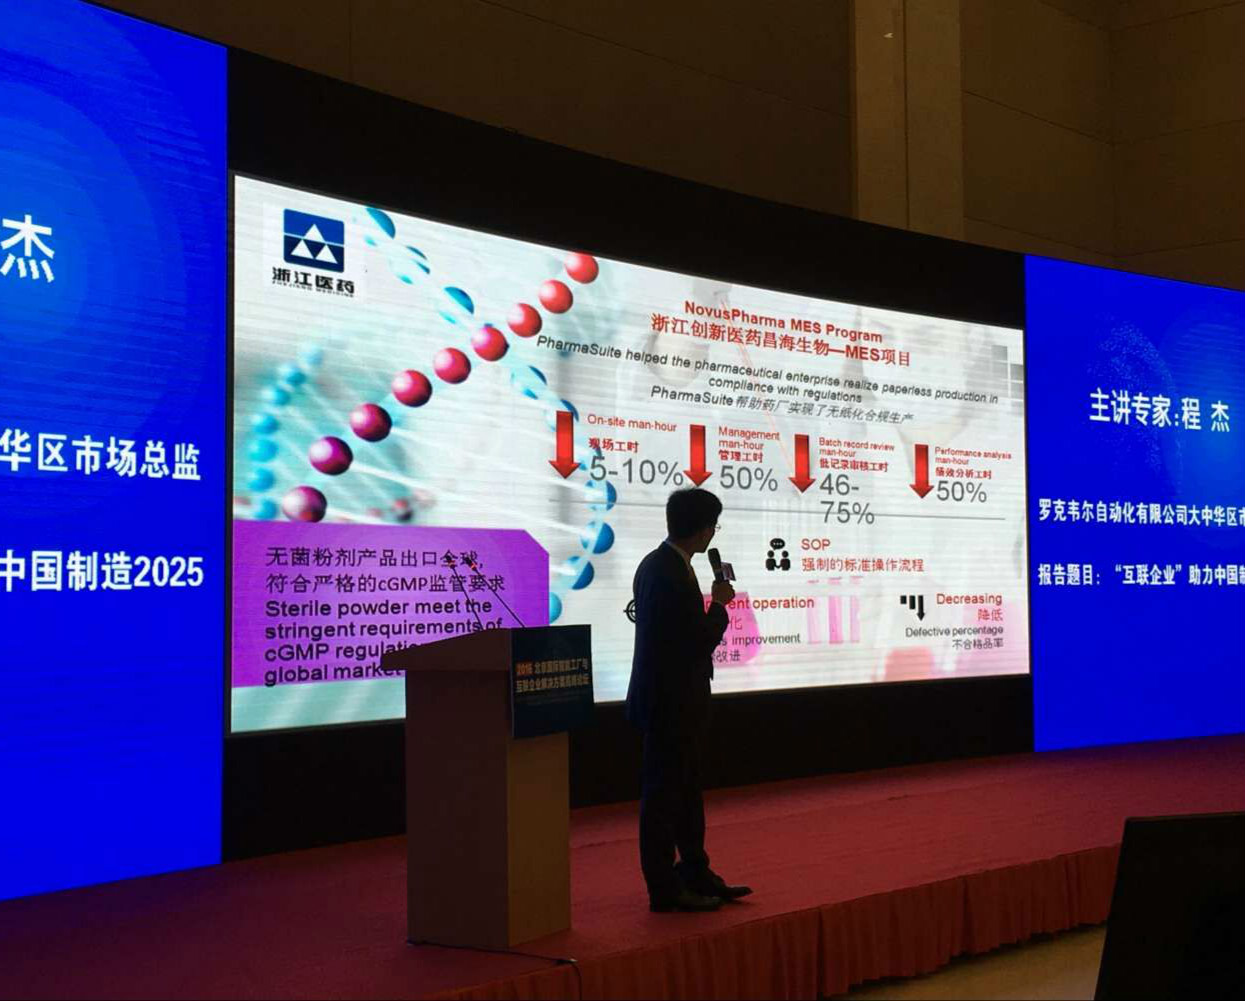 多国仪器仪表展开幕 国内外众多知名企业亮相(花絮六)